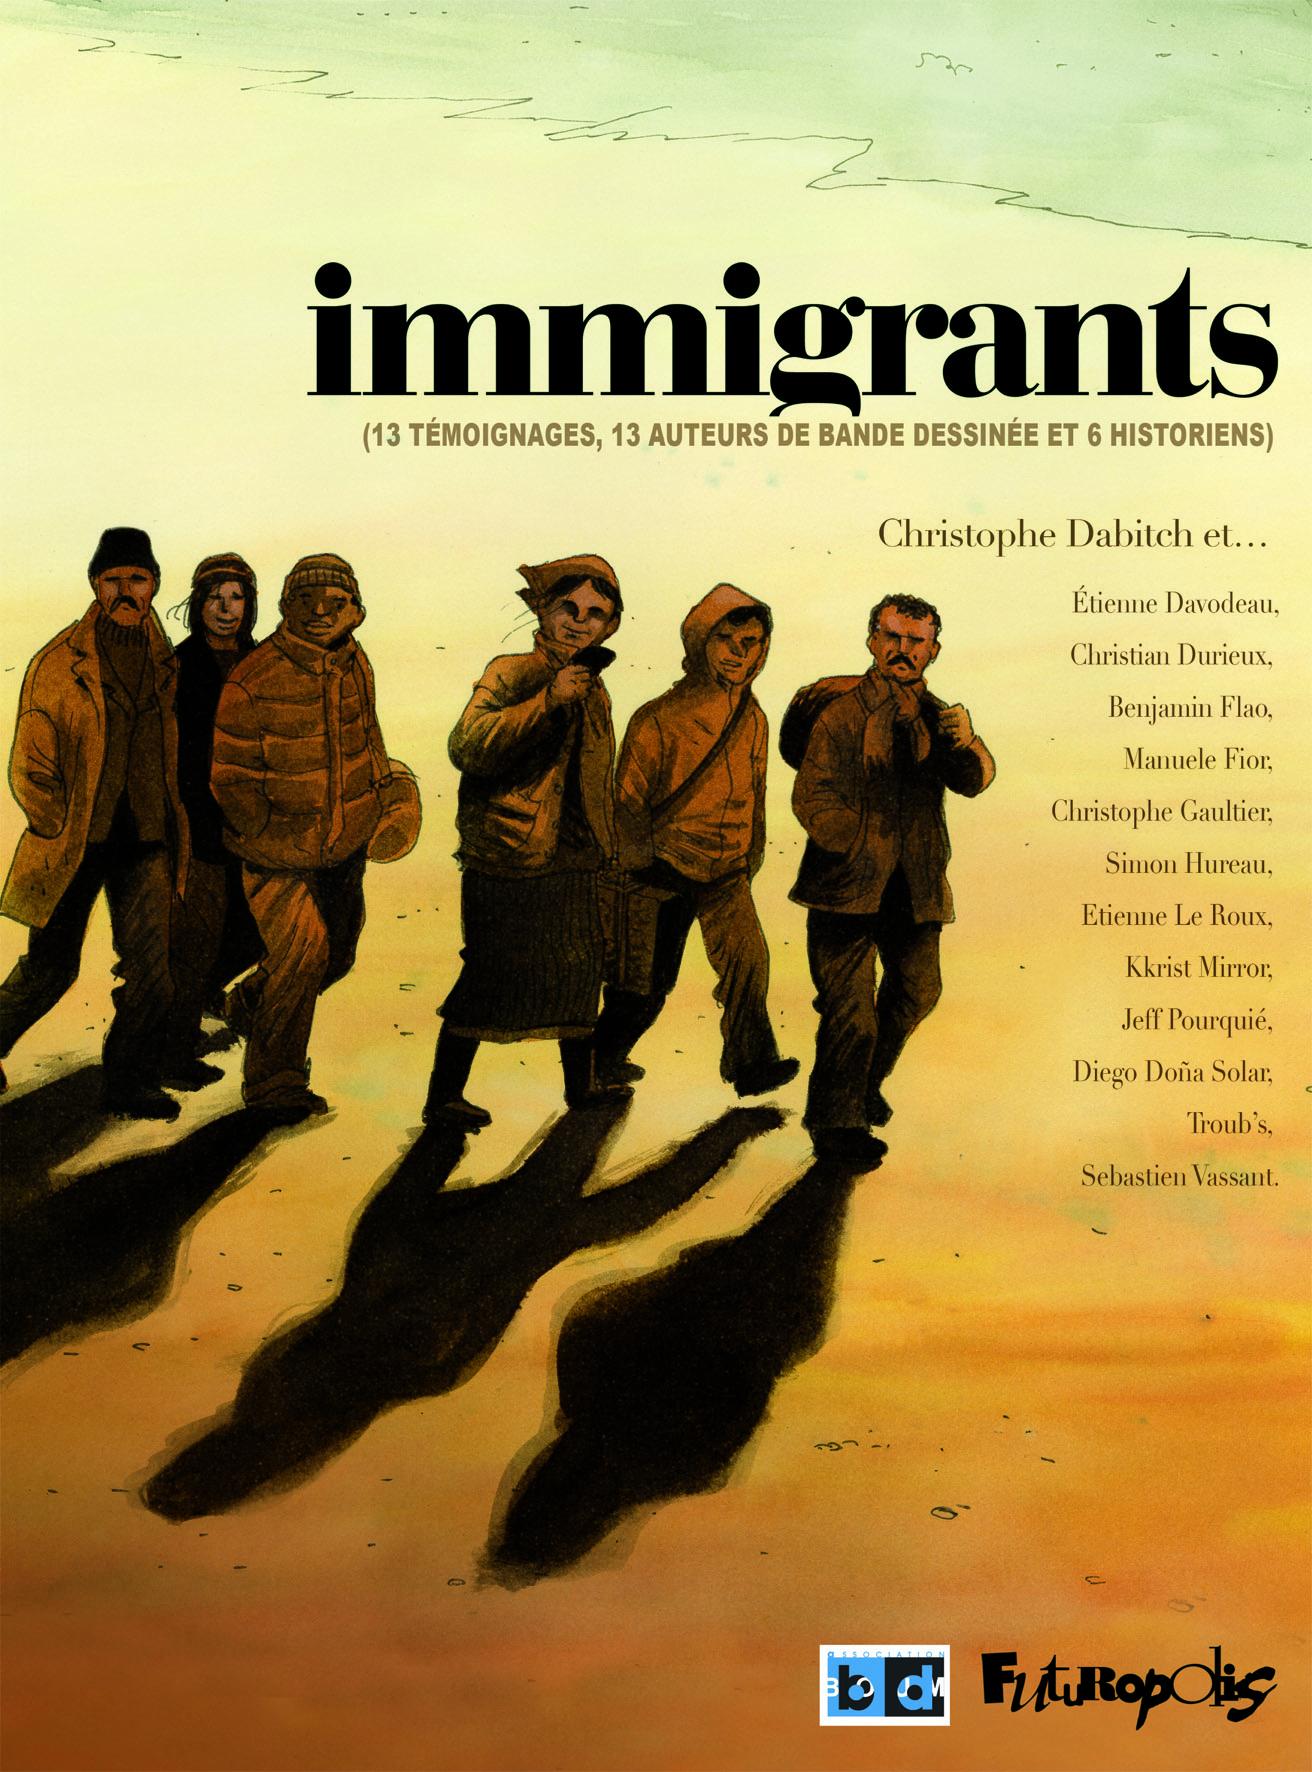 Immigrants 1 - Immigrants (13 témoignages, 13 auteurs de bande dessinée et 6 historiens)